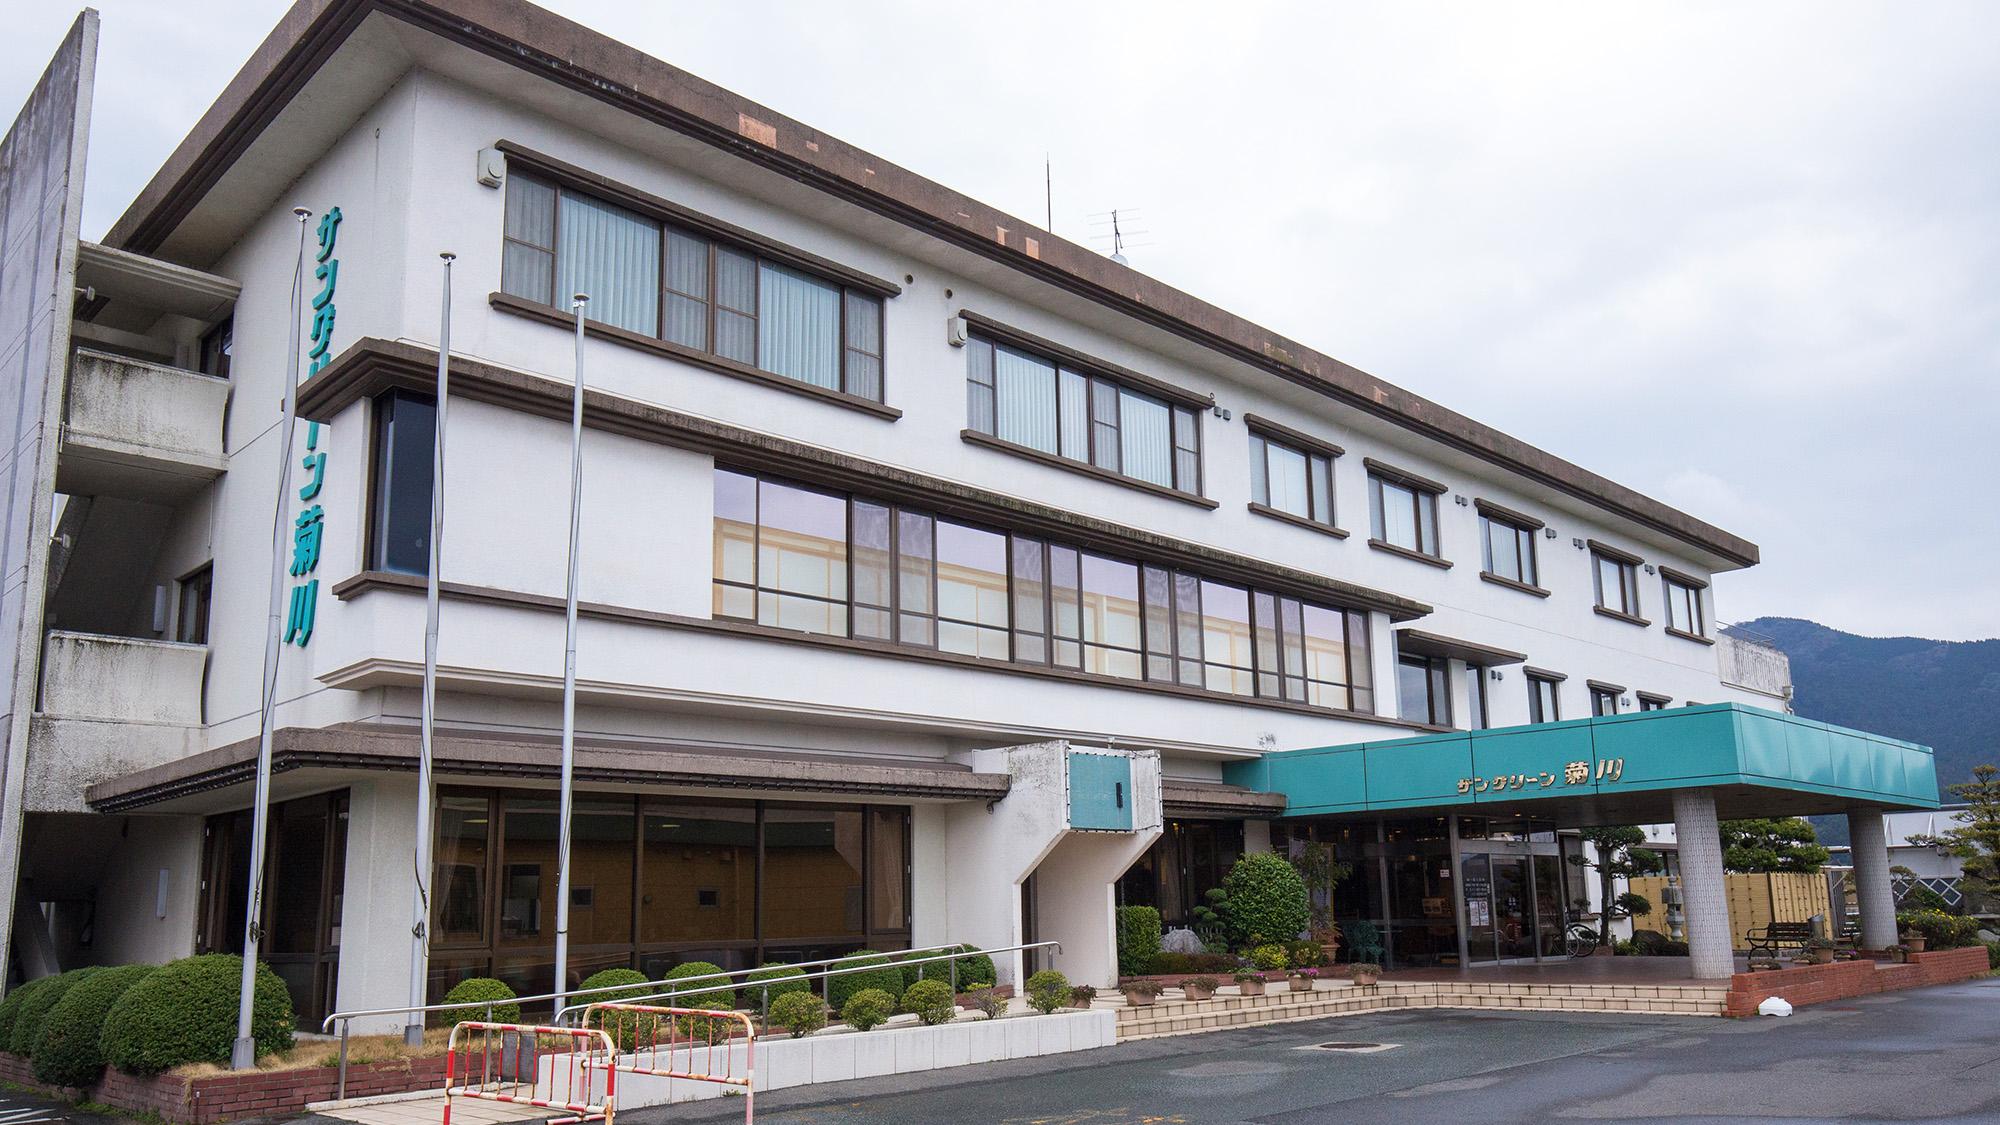 下関市営宿舎サングリーン菊川の施設画像